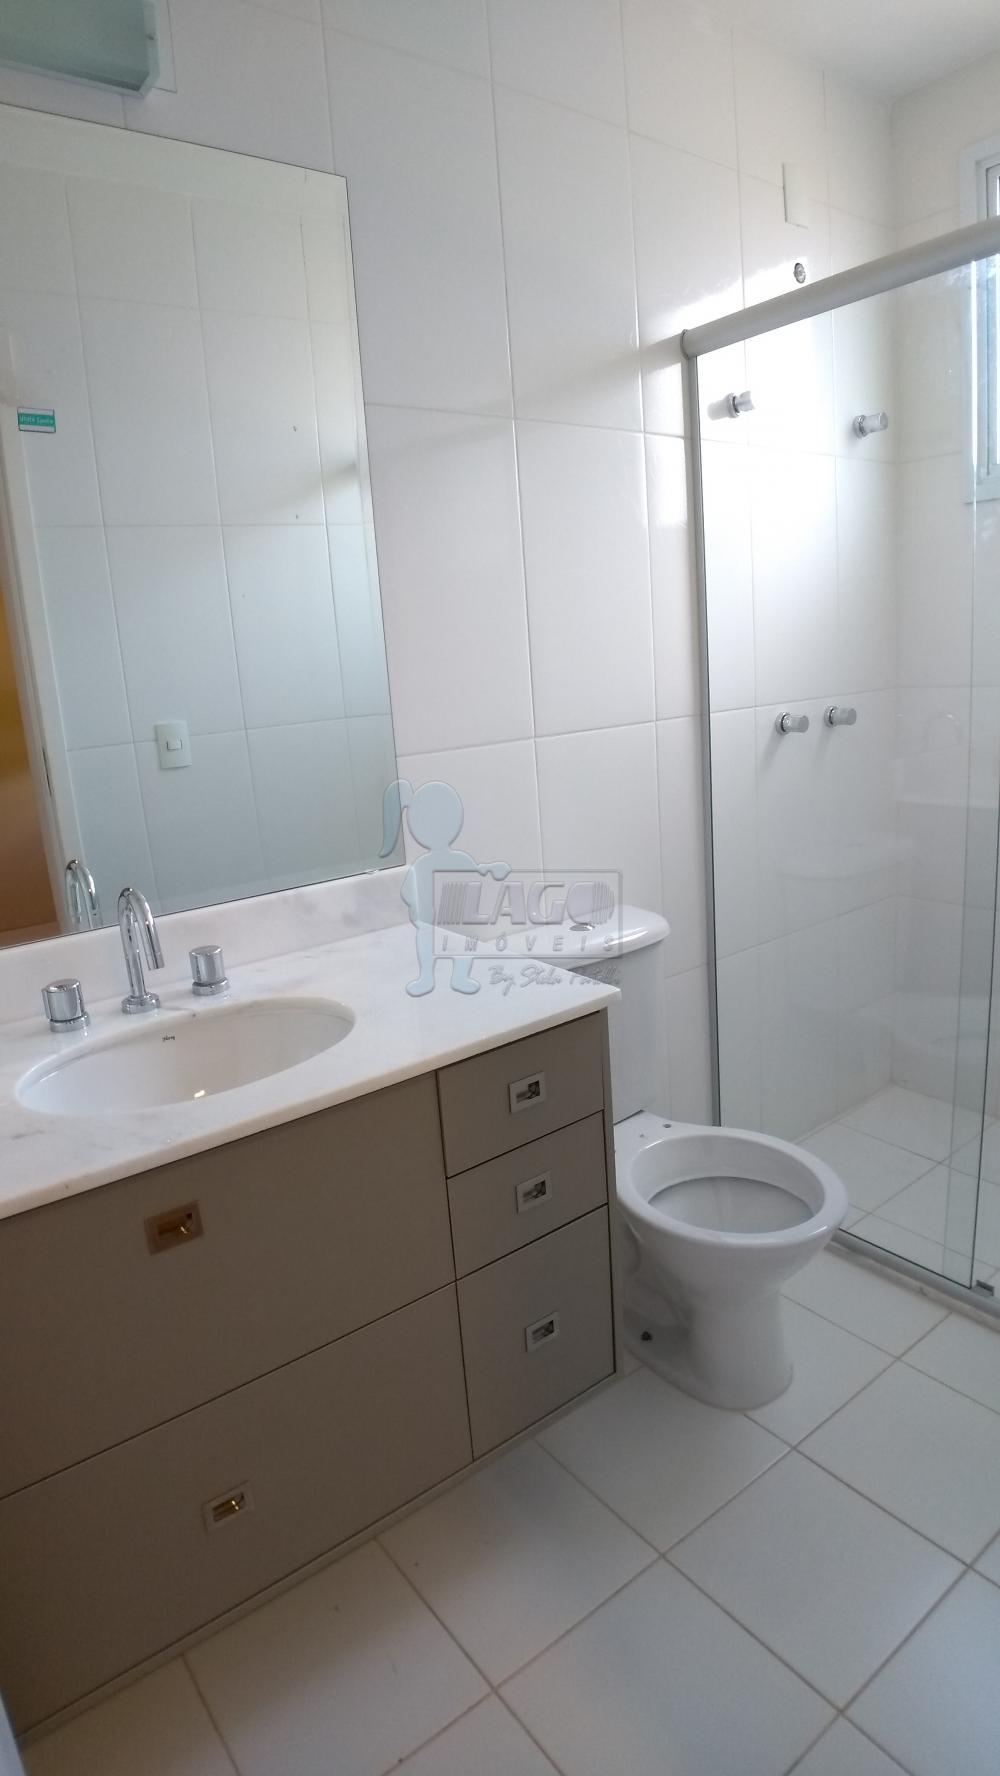 Comprar Casas / Sobrado em Ribeirão Preto apenas R$ 740.000,00 - Foto 16